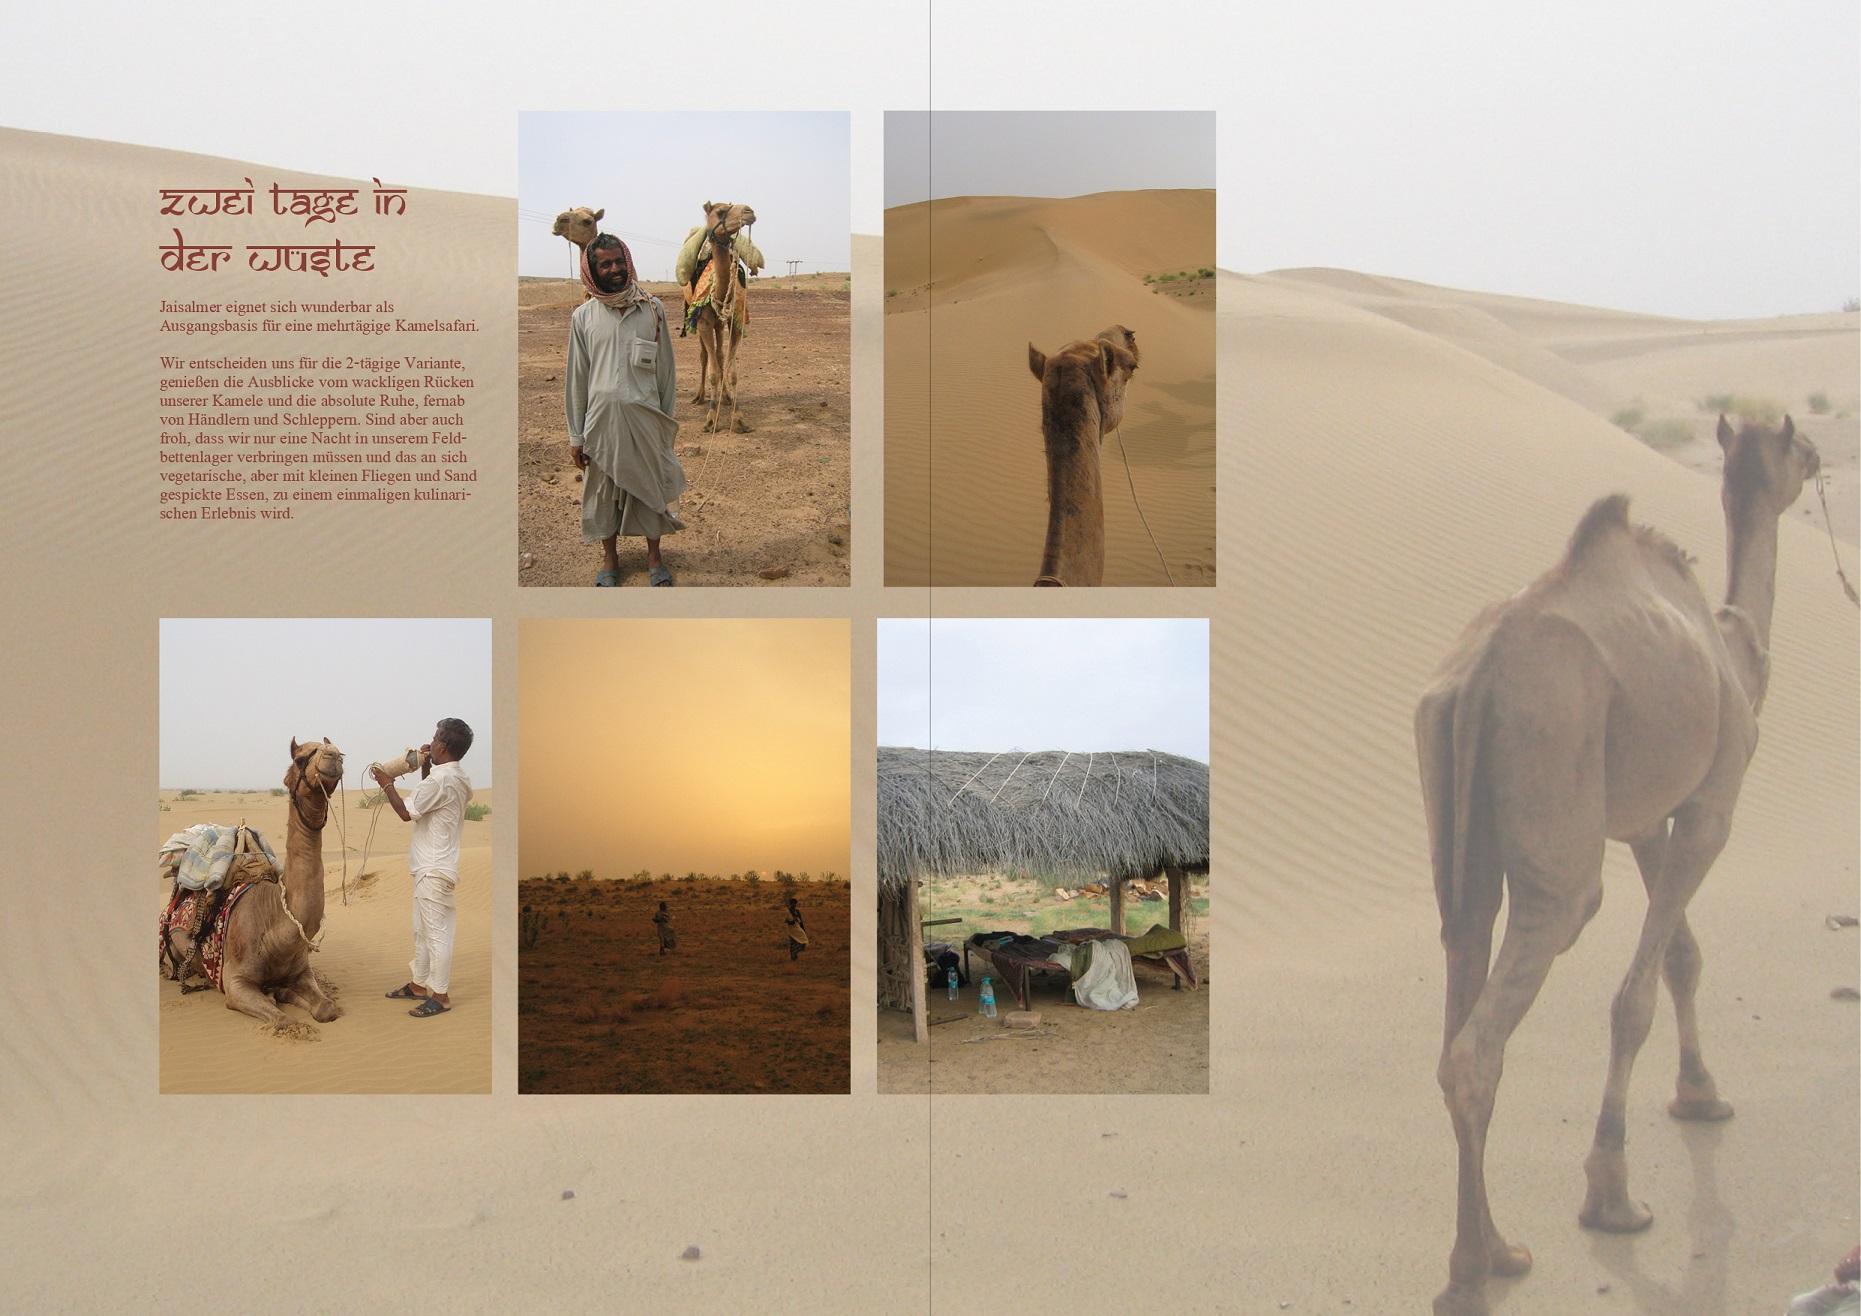 Beispielseite aus einem Fotobuch mit vielen Bildern aber auch erklärendem Text